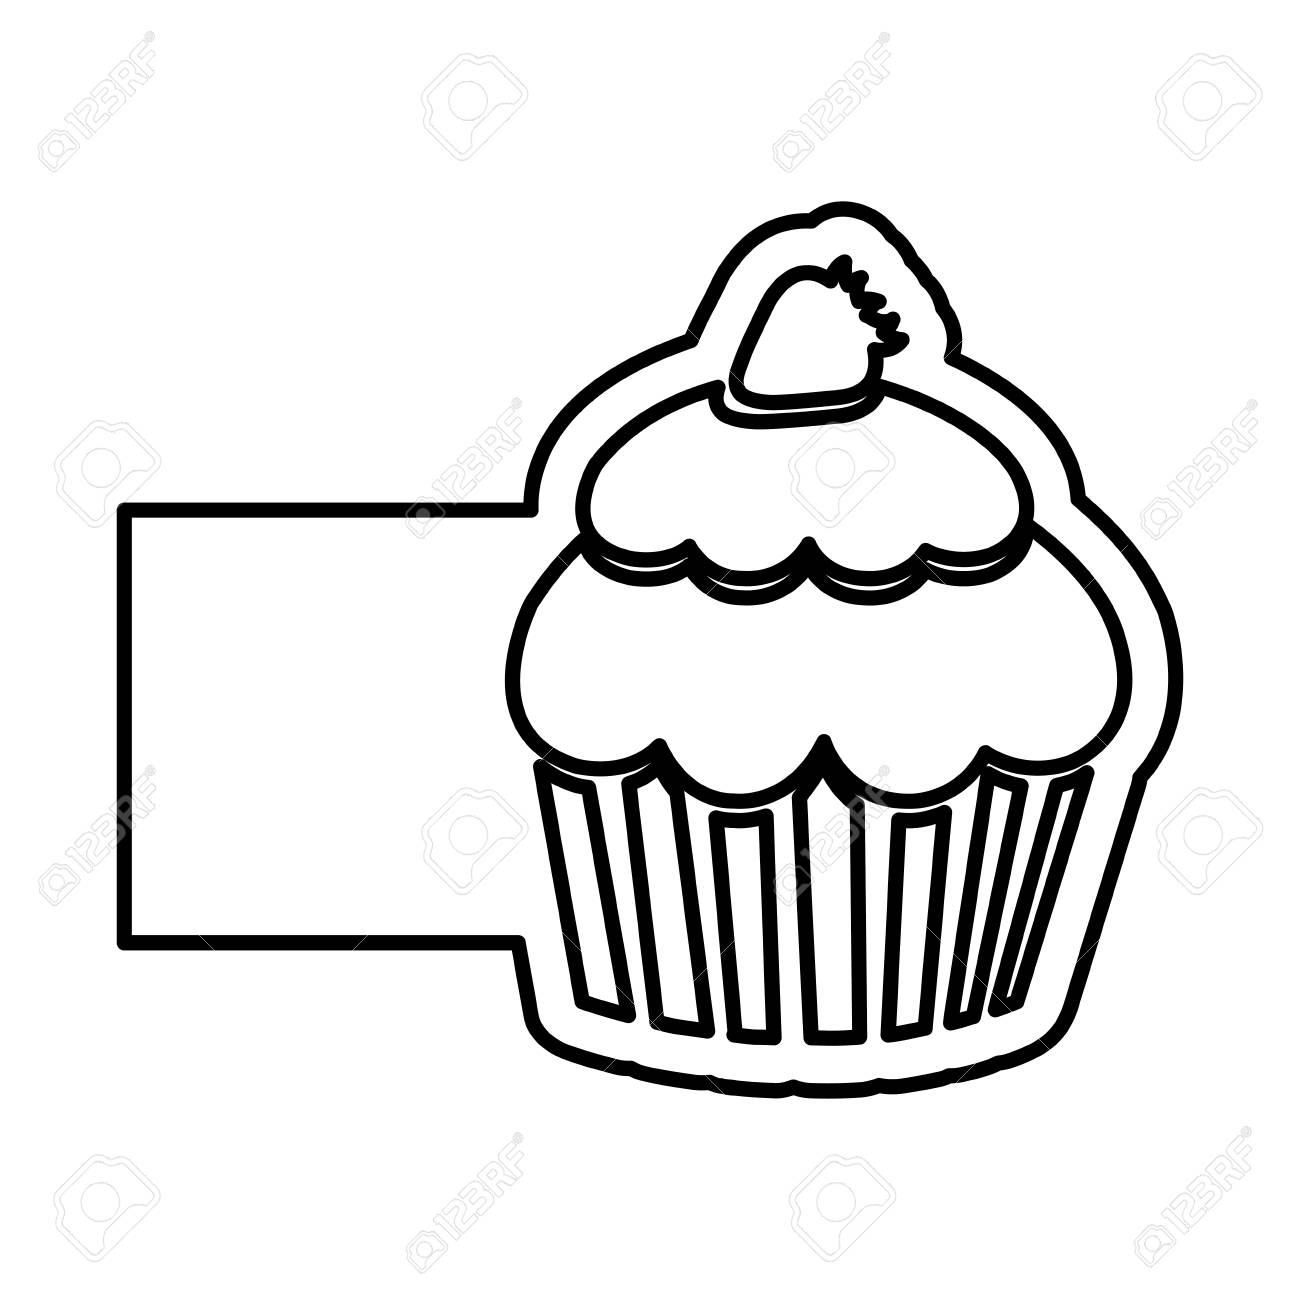 カップケーキ イチゴとバナーの白黒輪郭ベクトル イラストのイラスト素材